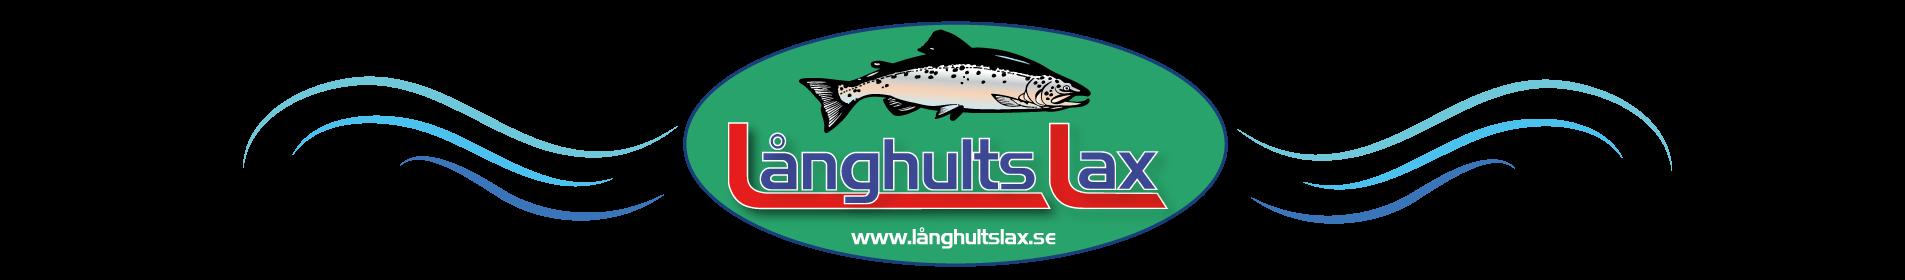 Välkommen till Långhults Lax